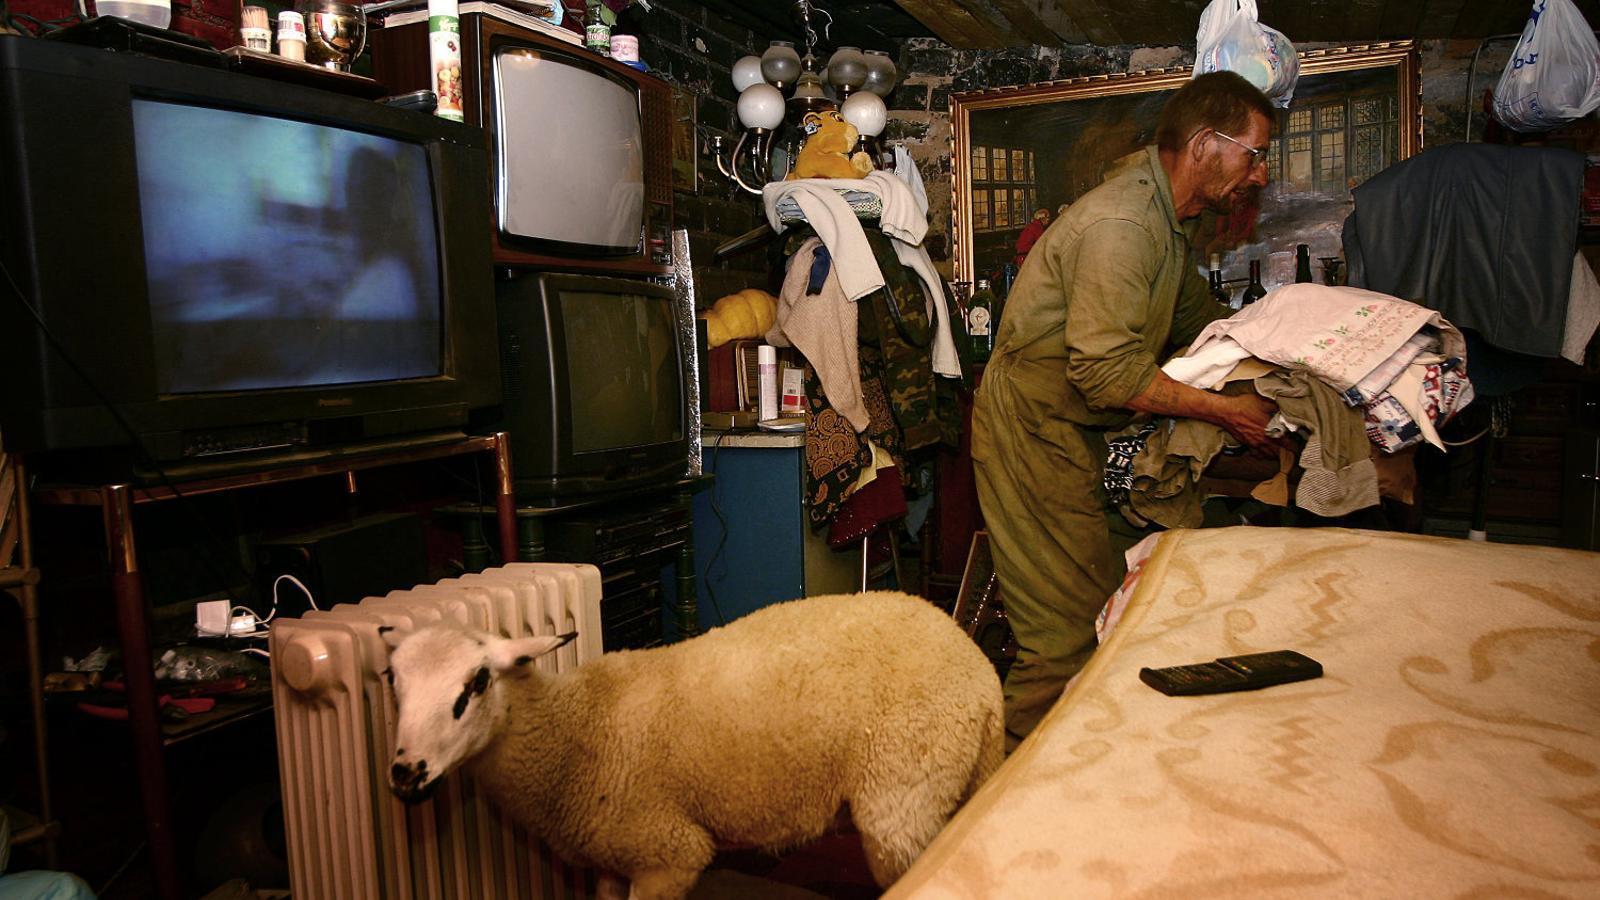 Imatge d'un infrahabitatge a la Sagrera captat el 2004 per Samuel Aranda, en una de les primeres imatges que va fer el fotoperiodista de Santa Coloma de Gramenet. Dintre d'aquest habitatge, en una zona afectada per les obres del Fórum, s'hi va trobar una ovella en un espai mínim